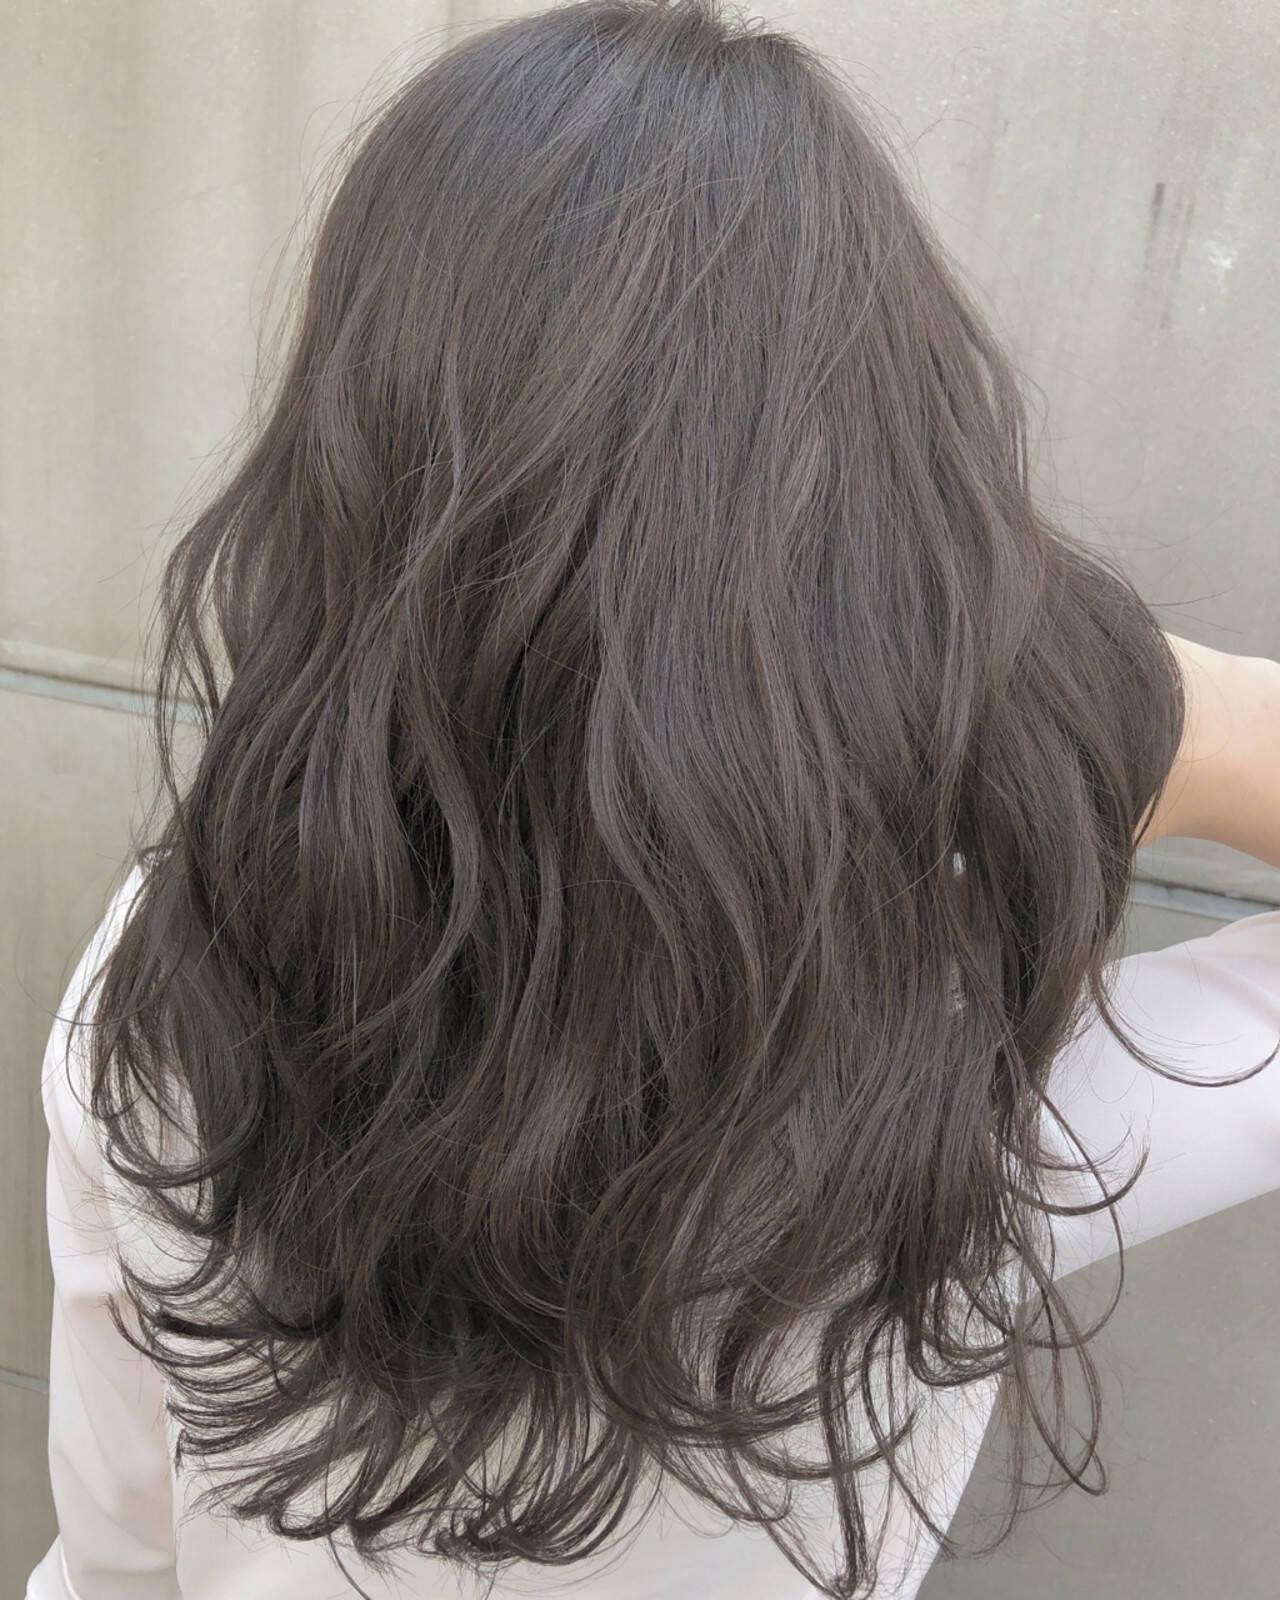 ヘアアレンジ 透明感 ナチュラル 簡単ヘアアレンジヘアスタイルや髪型の写真・画像